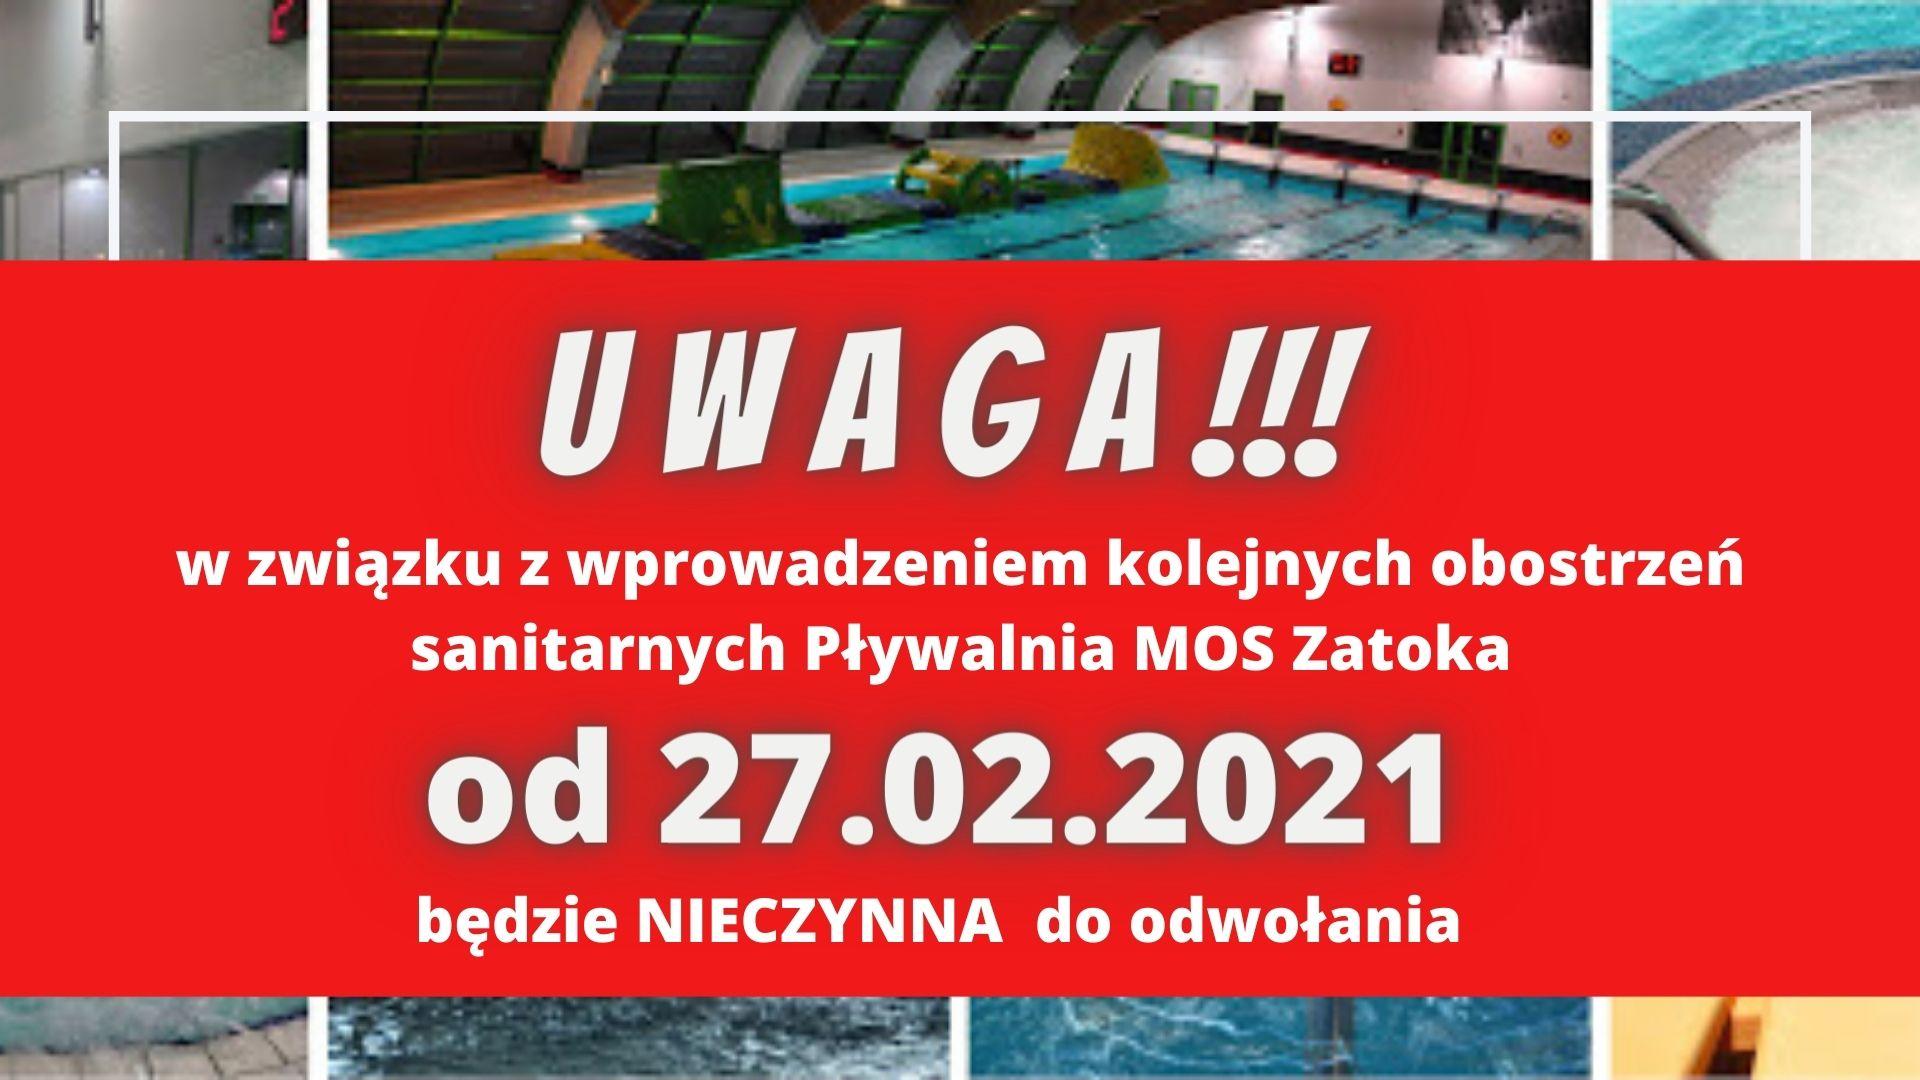 U W A G A !!! w związku z wprowadzeniem kolejnych obostrzeń sanitarnych Pływalnia MOS Zatoka od 27.02.2021 będzie NIECZYNNA do odwołania